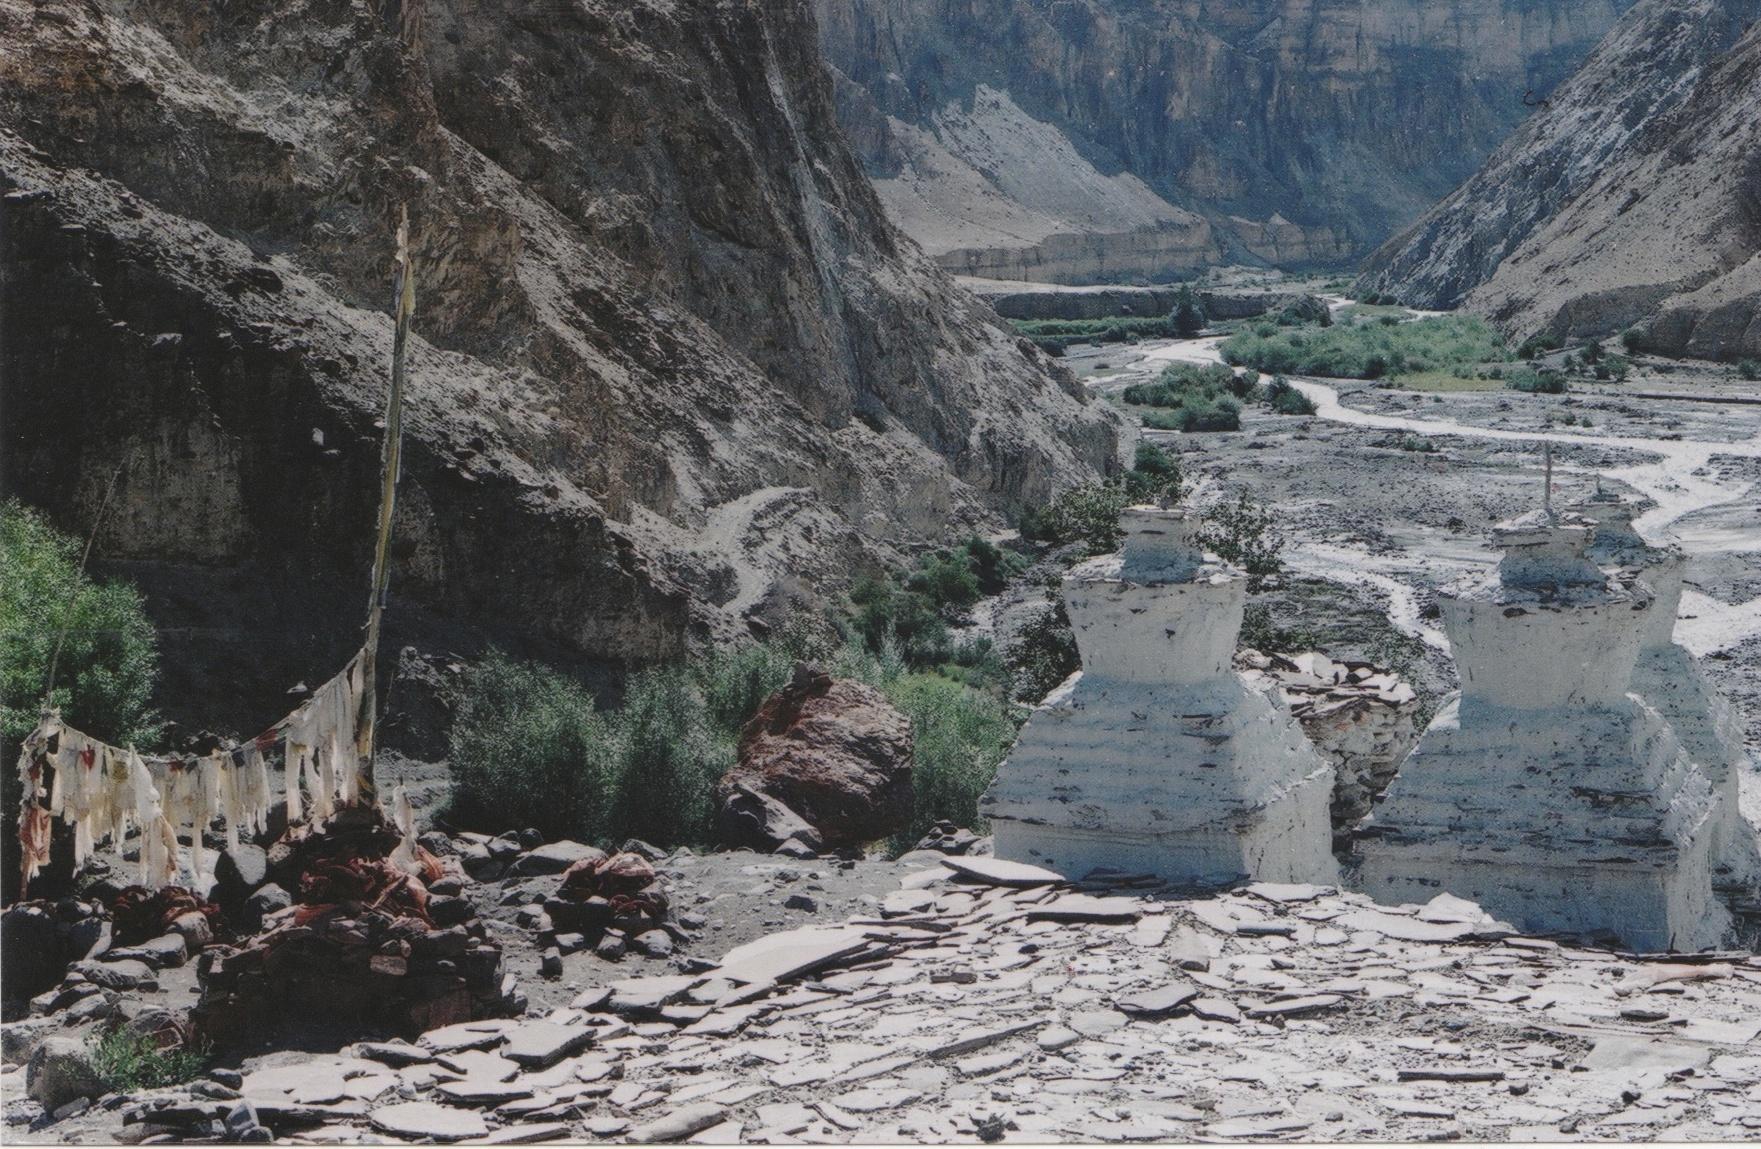 Markha Valley, Ladakh, Aug 2012